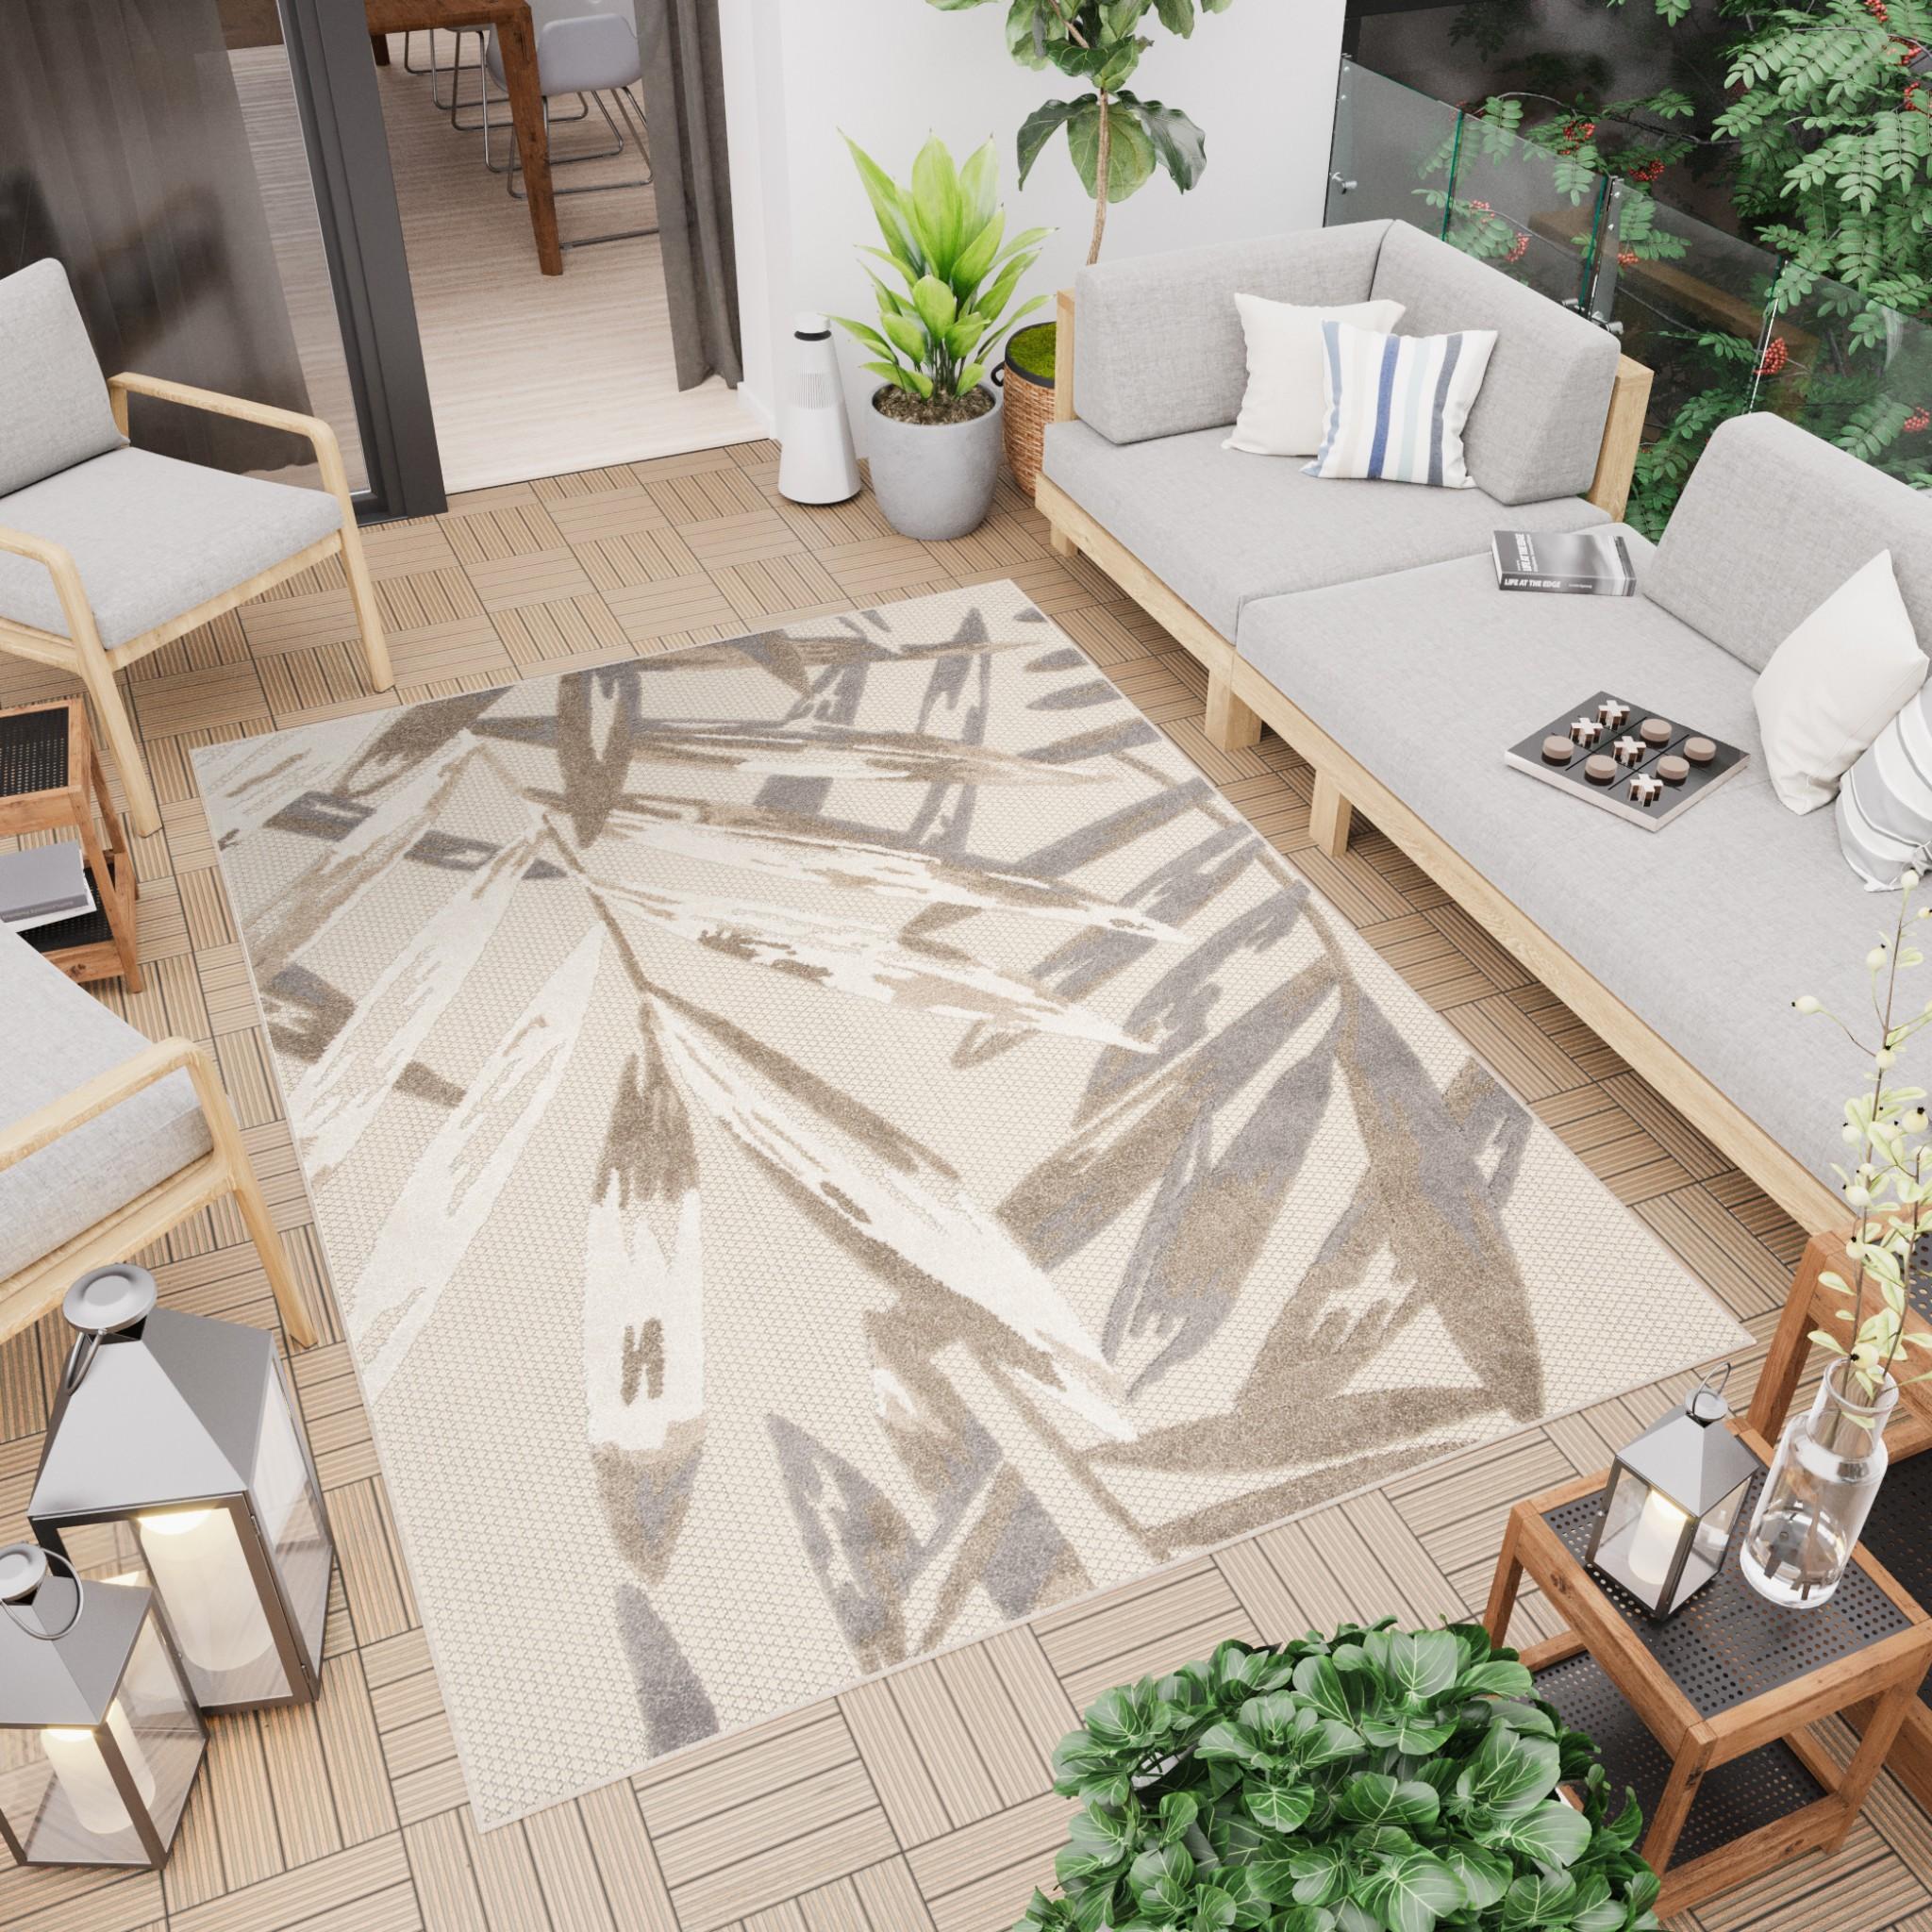 3 propozycje dywanów na taras